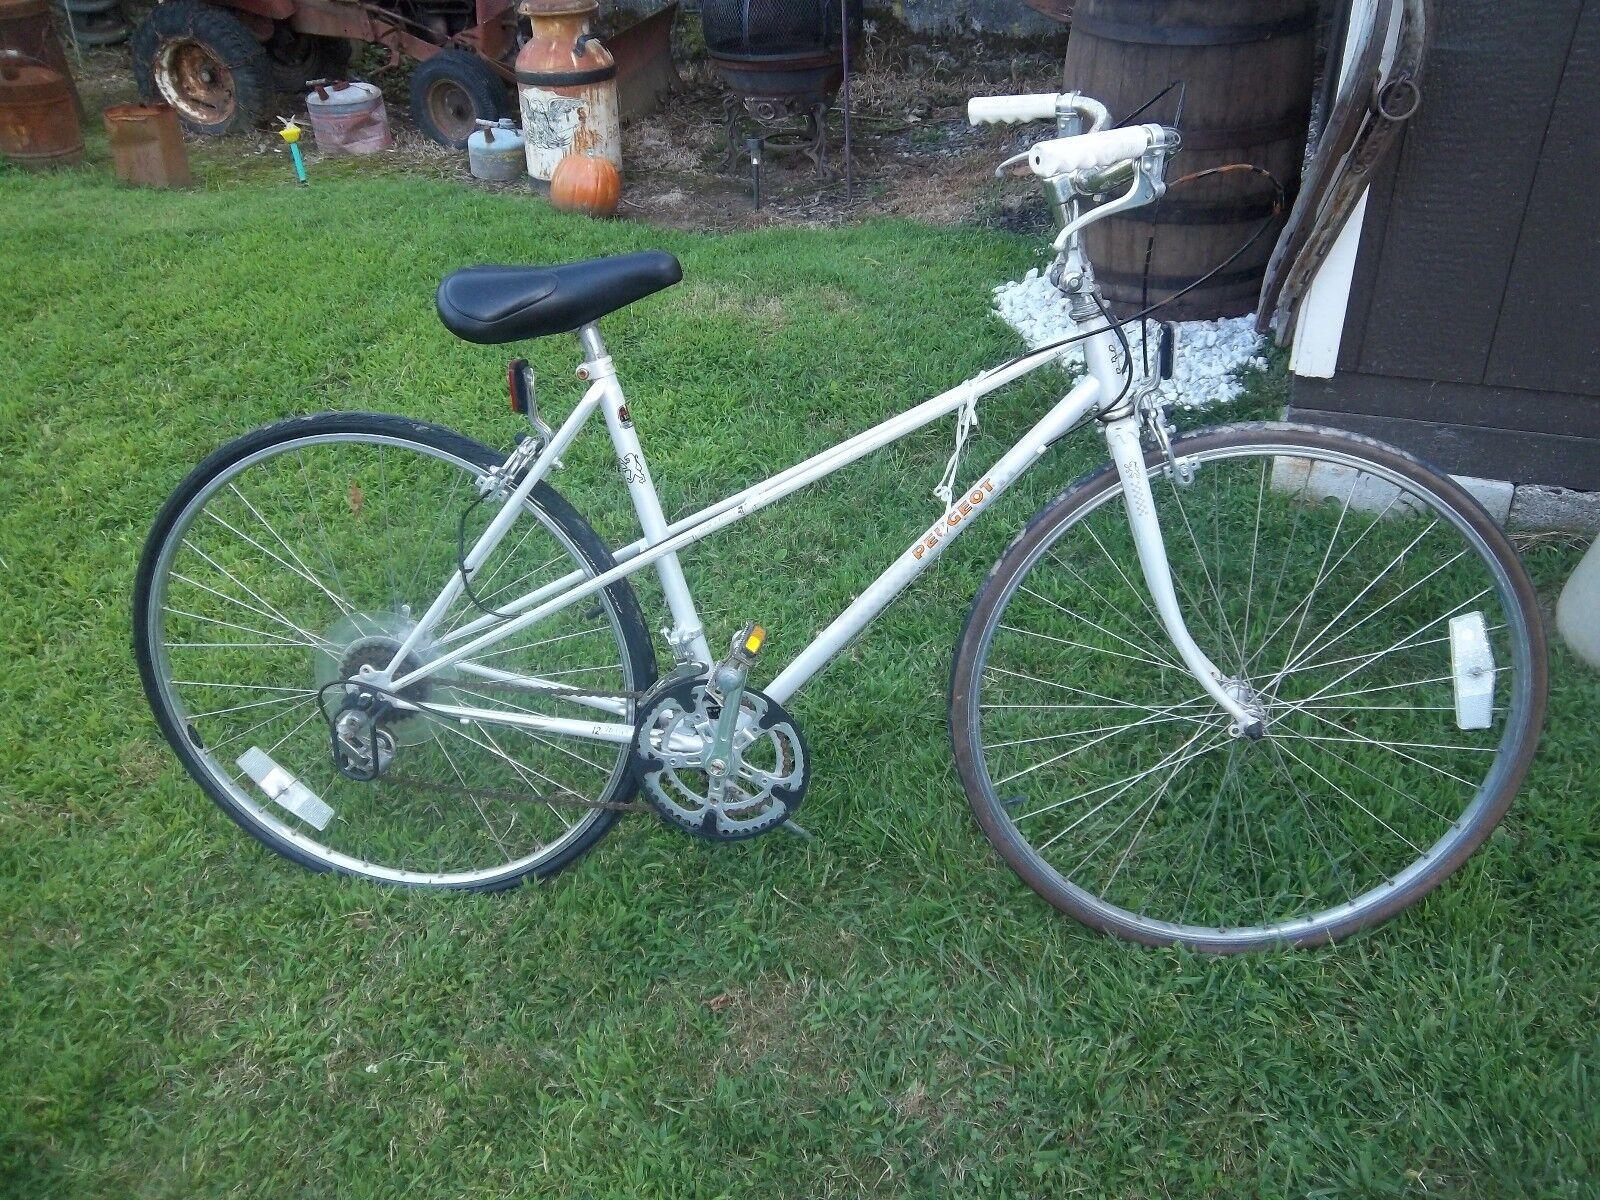 Vintage peugoet bicycle 70's or 80's